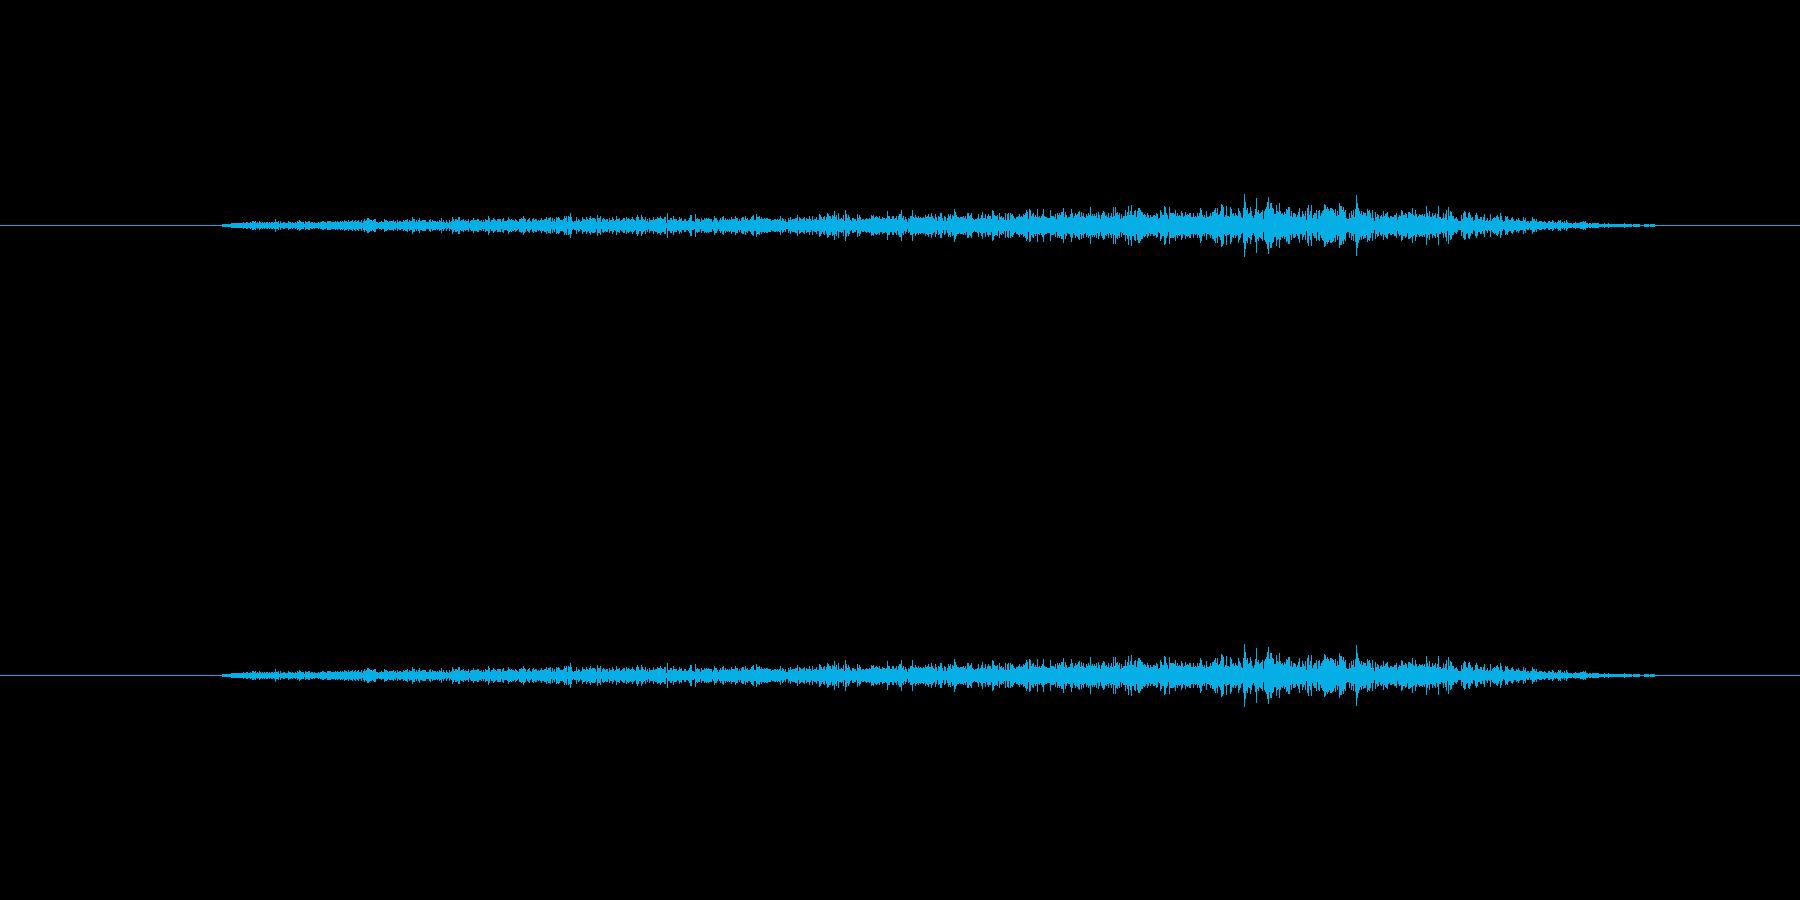 オフィス コンピューターマウスドロー04の再生済みの波形